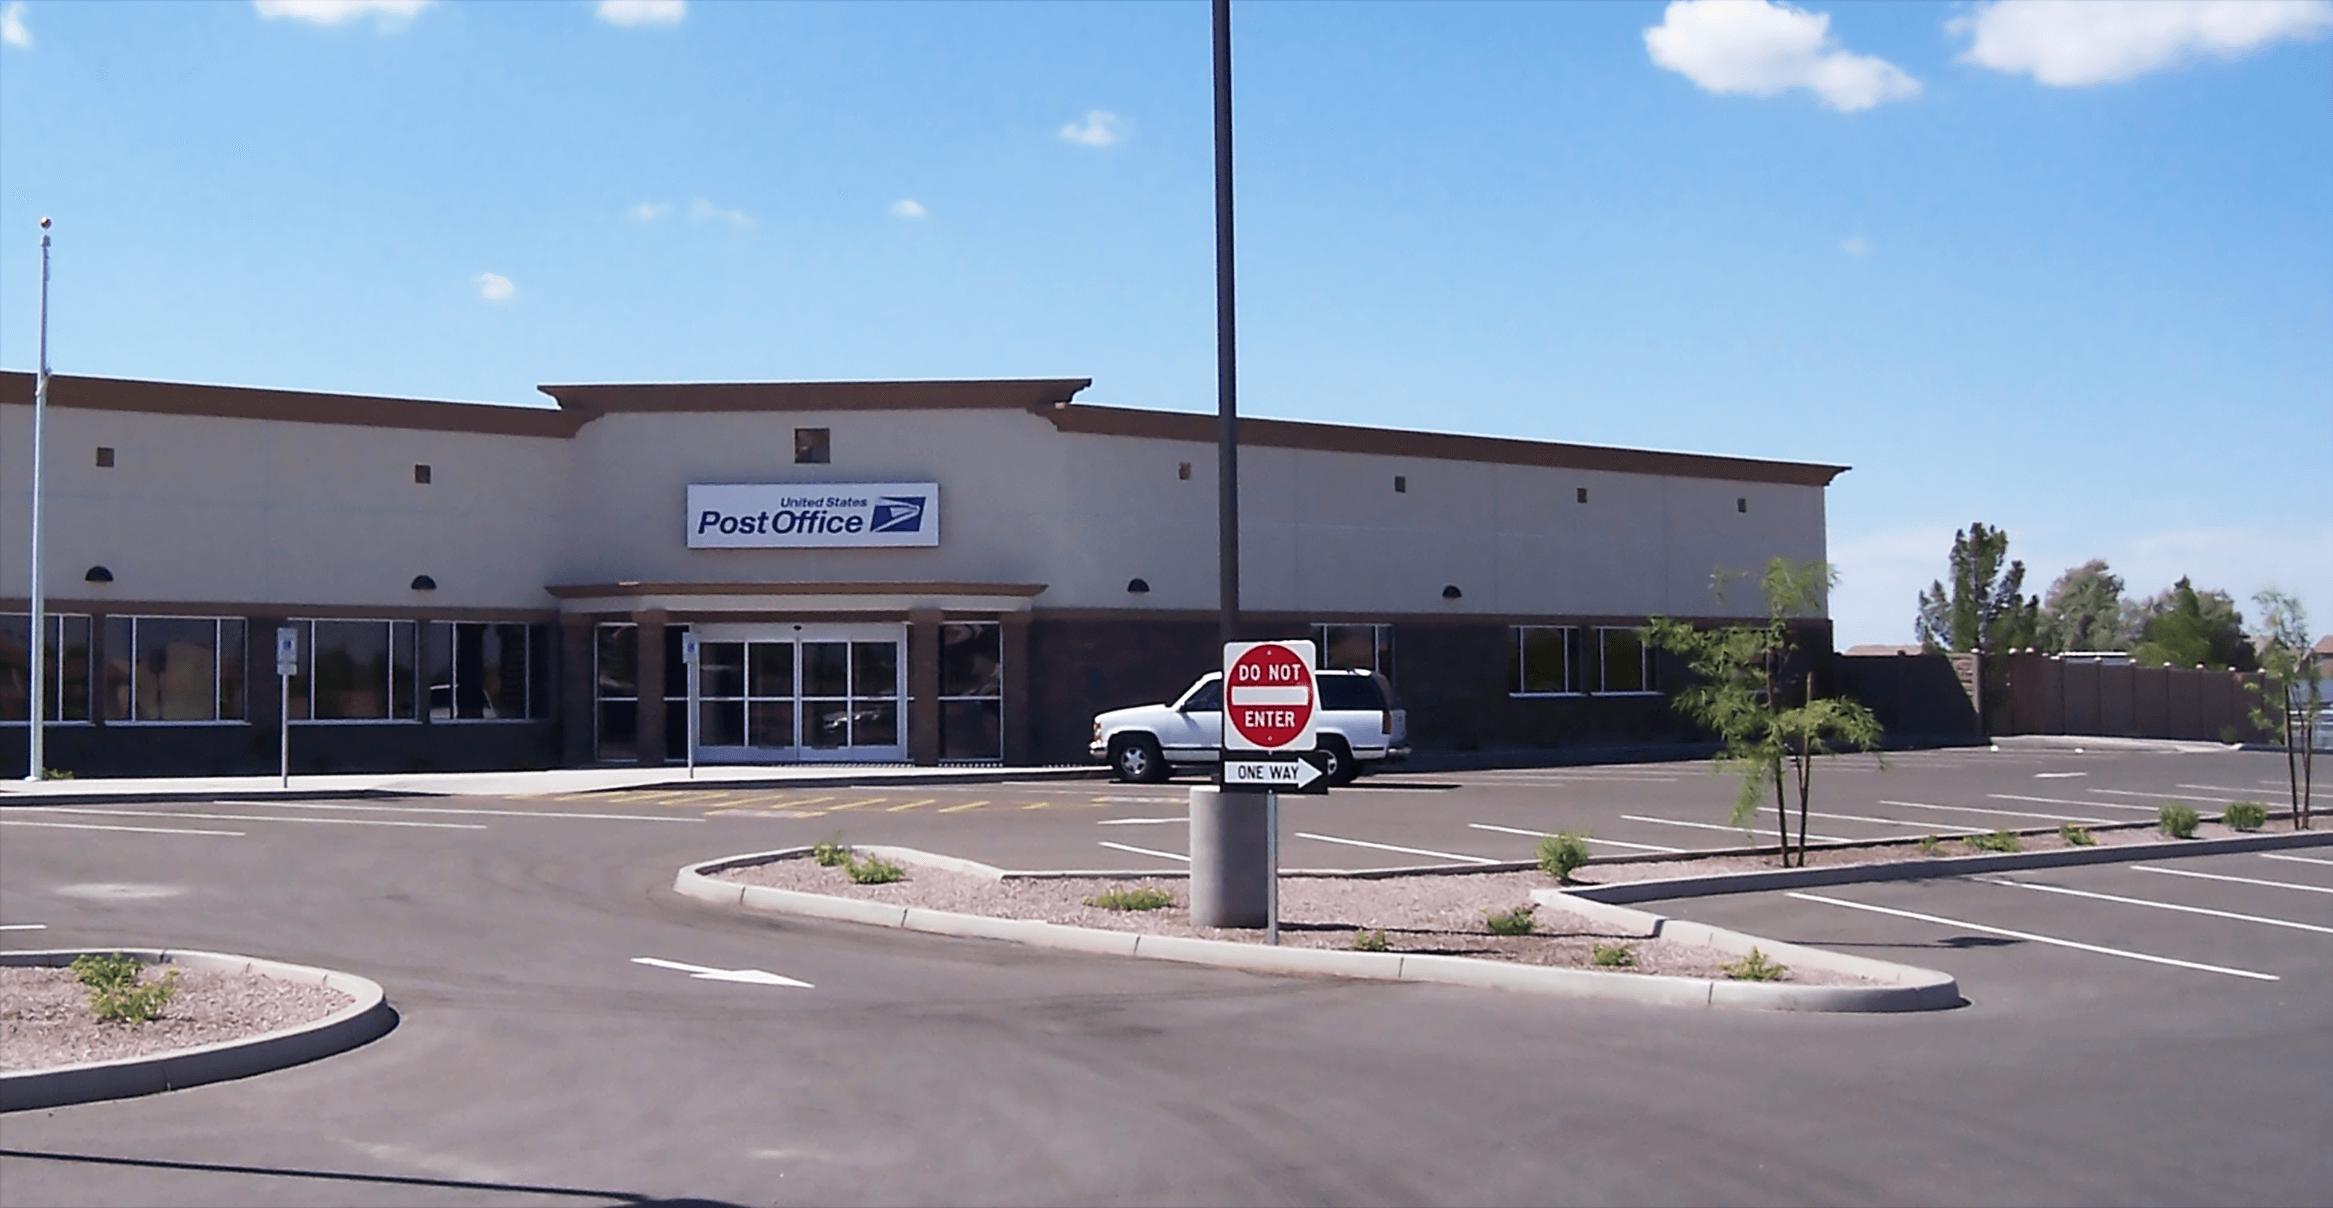 Main Post Office - Queen Creek, Arizona